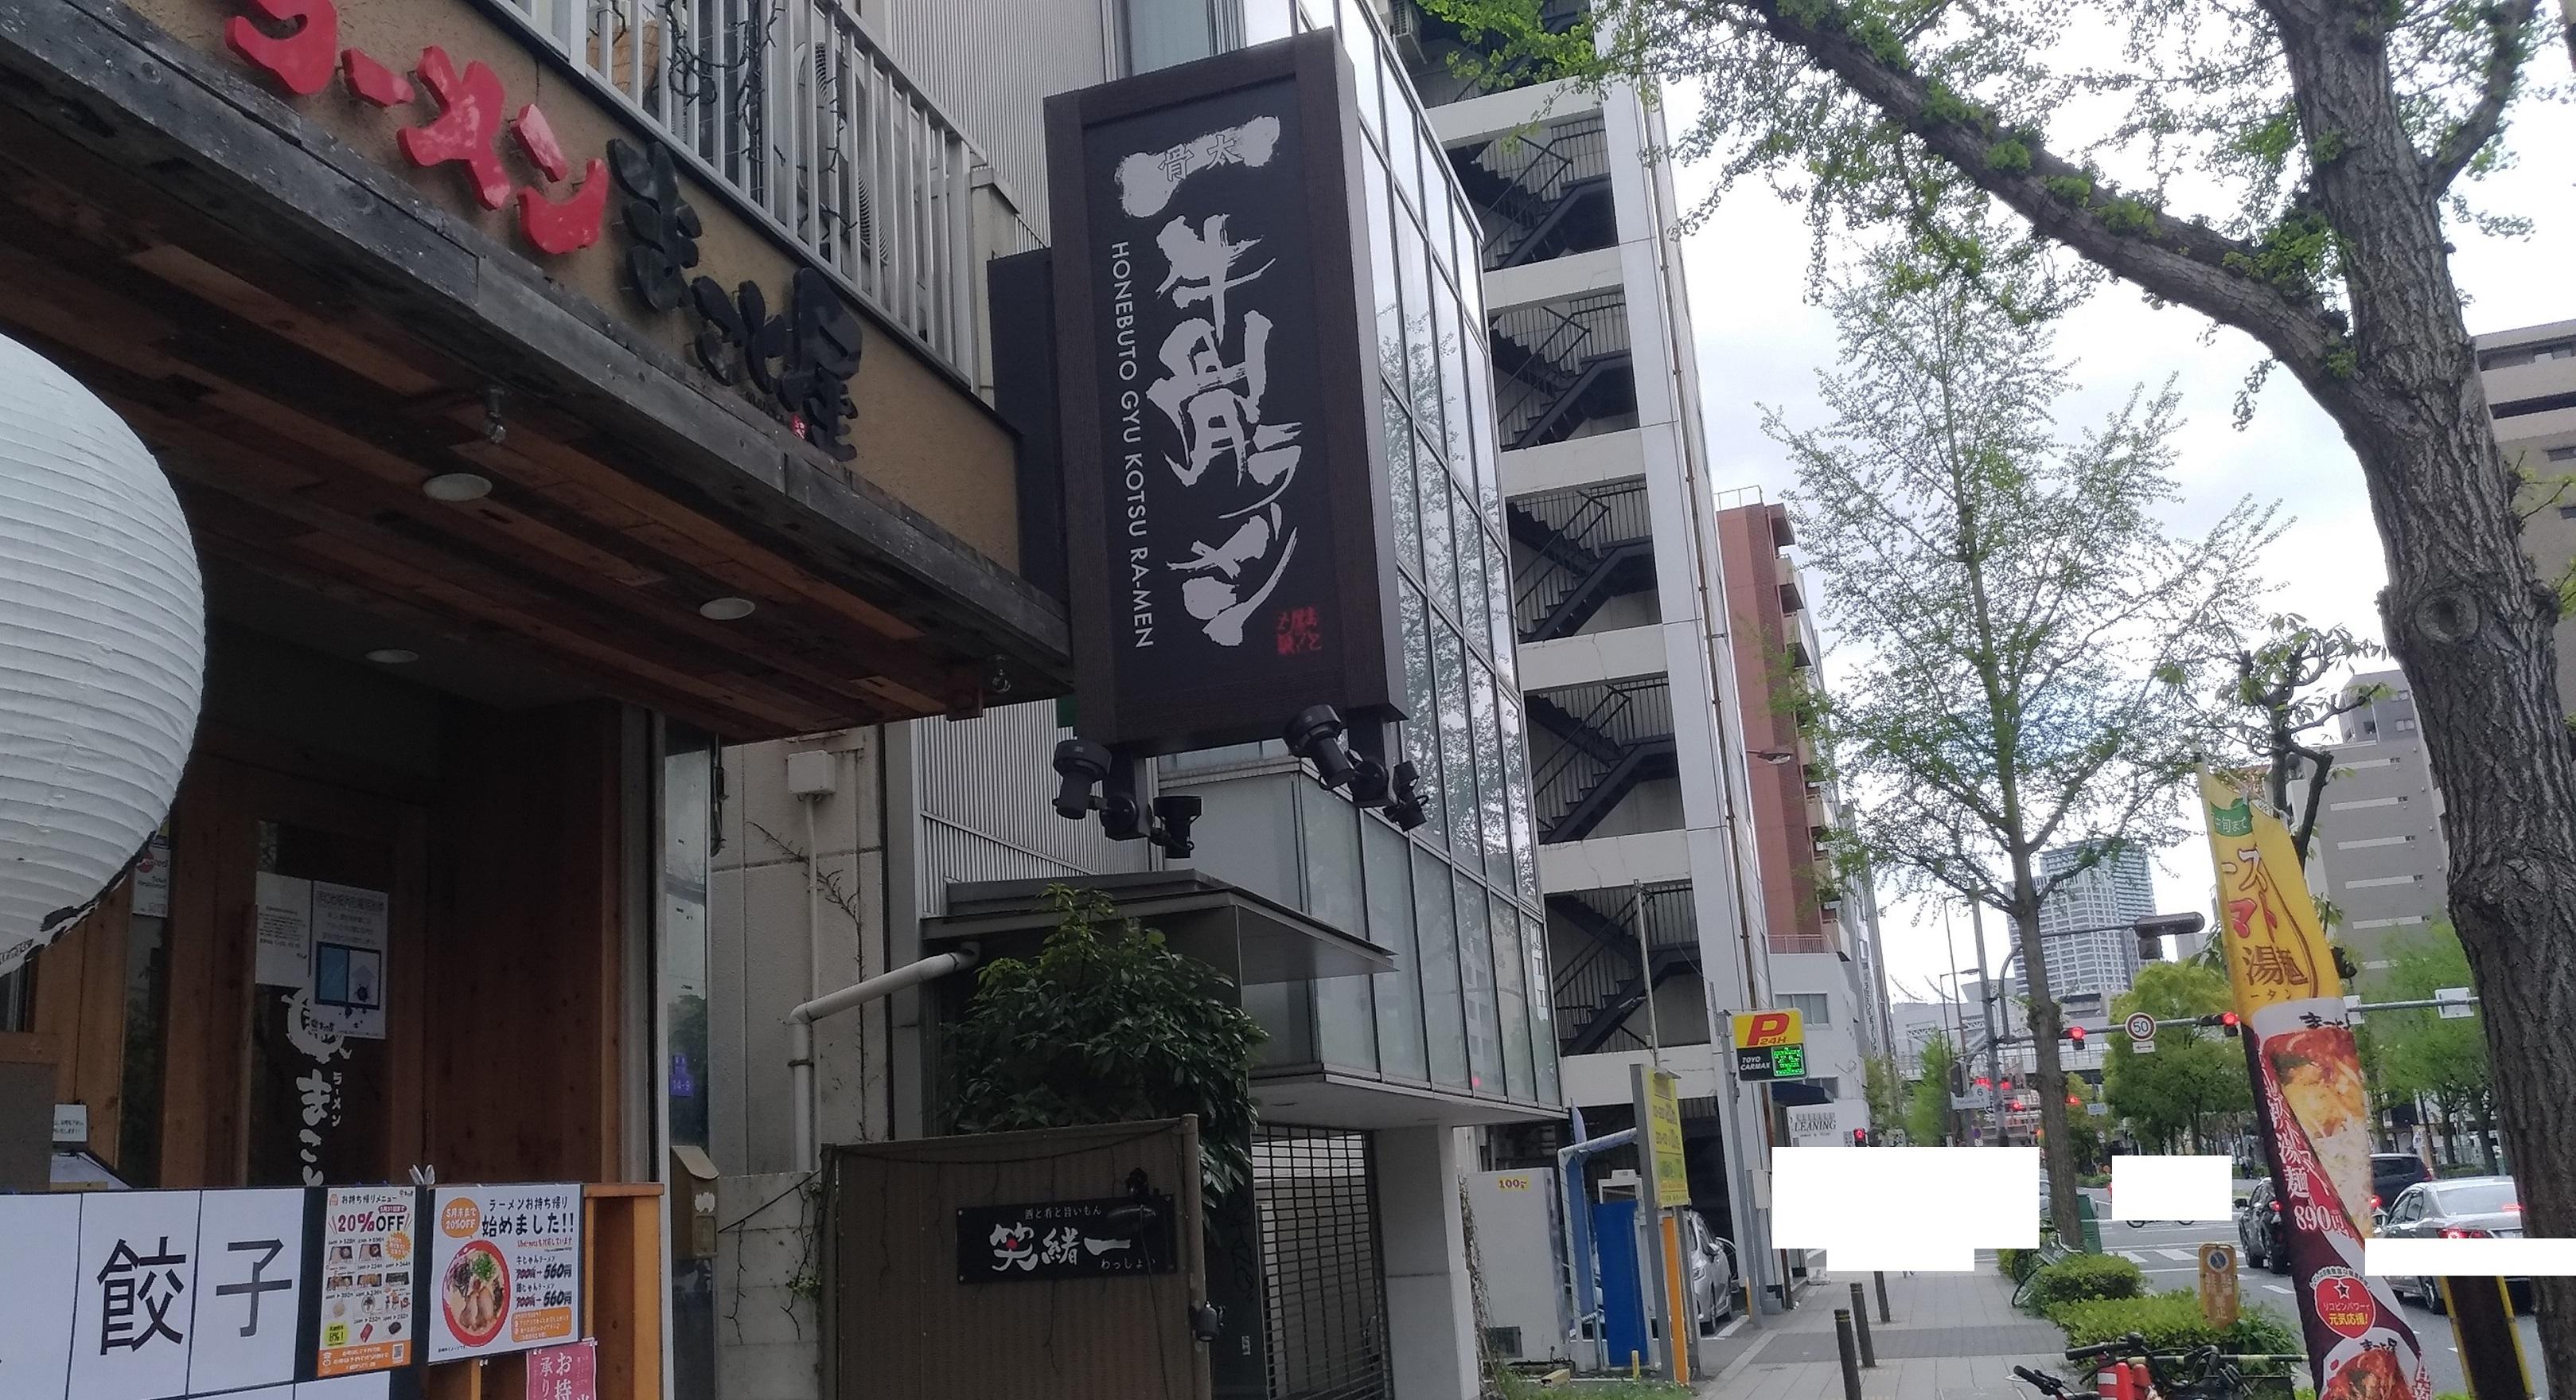 osaka_ramen_fukushima_take_out_makoto_1.jpg